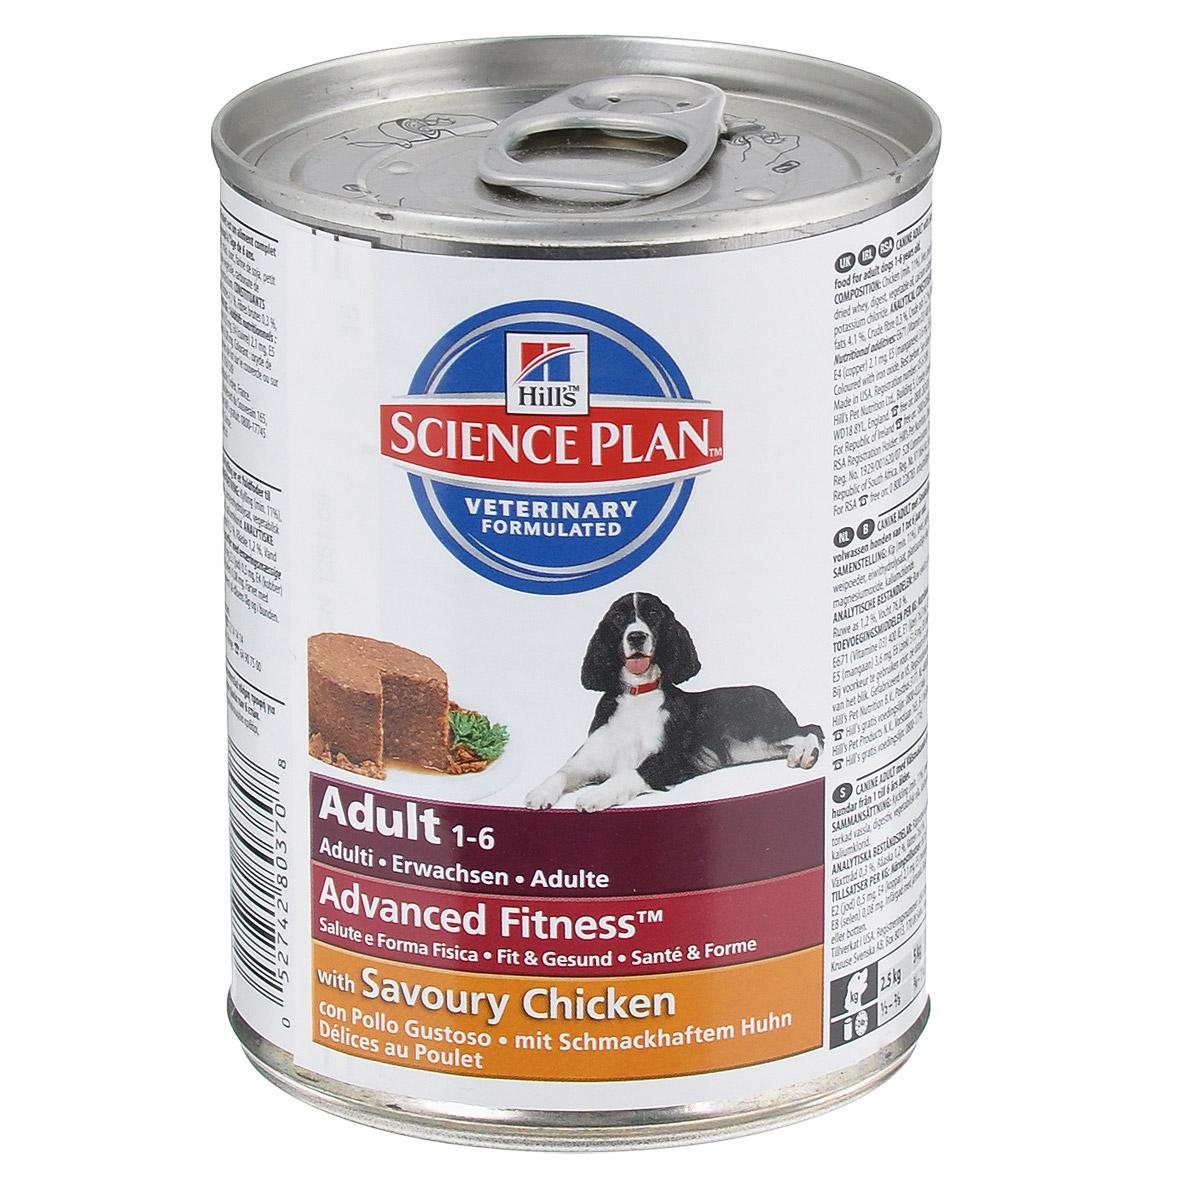 Консервы для взрослых собак Hills Advanced Fitness, с курицей, 370 г8037Консервы Hills Advanced Fitness - это полноценное, точно сбалансированное питание, приготовленное из ингредиентов высокого качества, без добавления красителей и консервантов. Консервы предназначены для поддержания мускулатуры и здоровья жизненно важных органов. С антиоксидантами с клинически подтвержденным эффектом, протеином для мускулатуры и Омега-3 жирными кислотами. Ключевые преимущества: Высоко переварваемый протеин для крепкой мускулатуры. Поддерживает здоровье внутренних органов благодаря оптимальному балансу фосфора и натрия. Высоко перевариваемые ингредиенты. Великолепный вкус. Состав: курица (мин 11%), печень, перловая крупа, кукуруза, свинина, мука из соевых бобов, сухая сыворотка, гидролизат белка, растительное масло, кальция карбонат, йодированная соль, оксид магния, калия хлорид. Средний анализ: белок 6,4%, жир 4,1%, клетчатка 0,3%, зола 1,2%, влага 76%. Добавки на кг: Е671 (Витамин D3)...